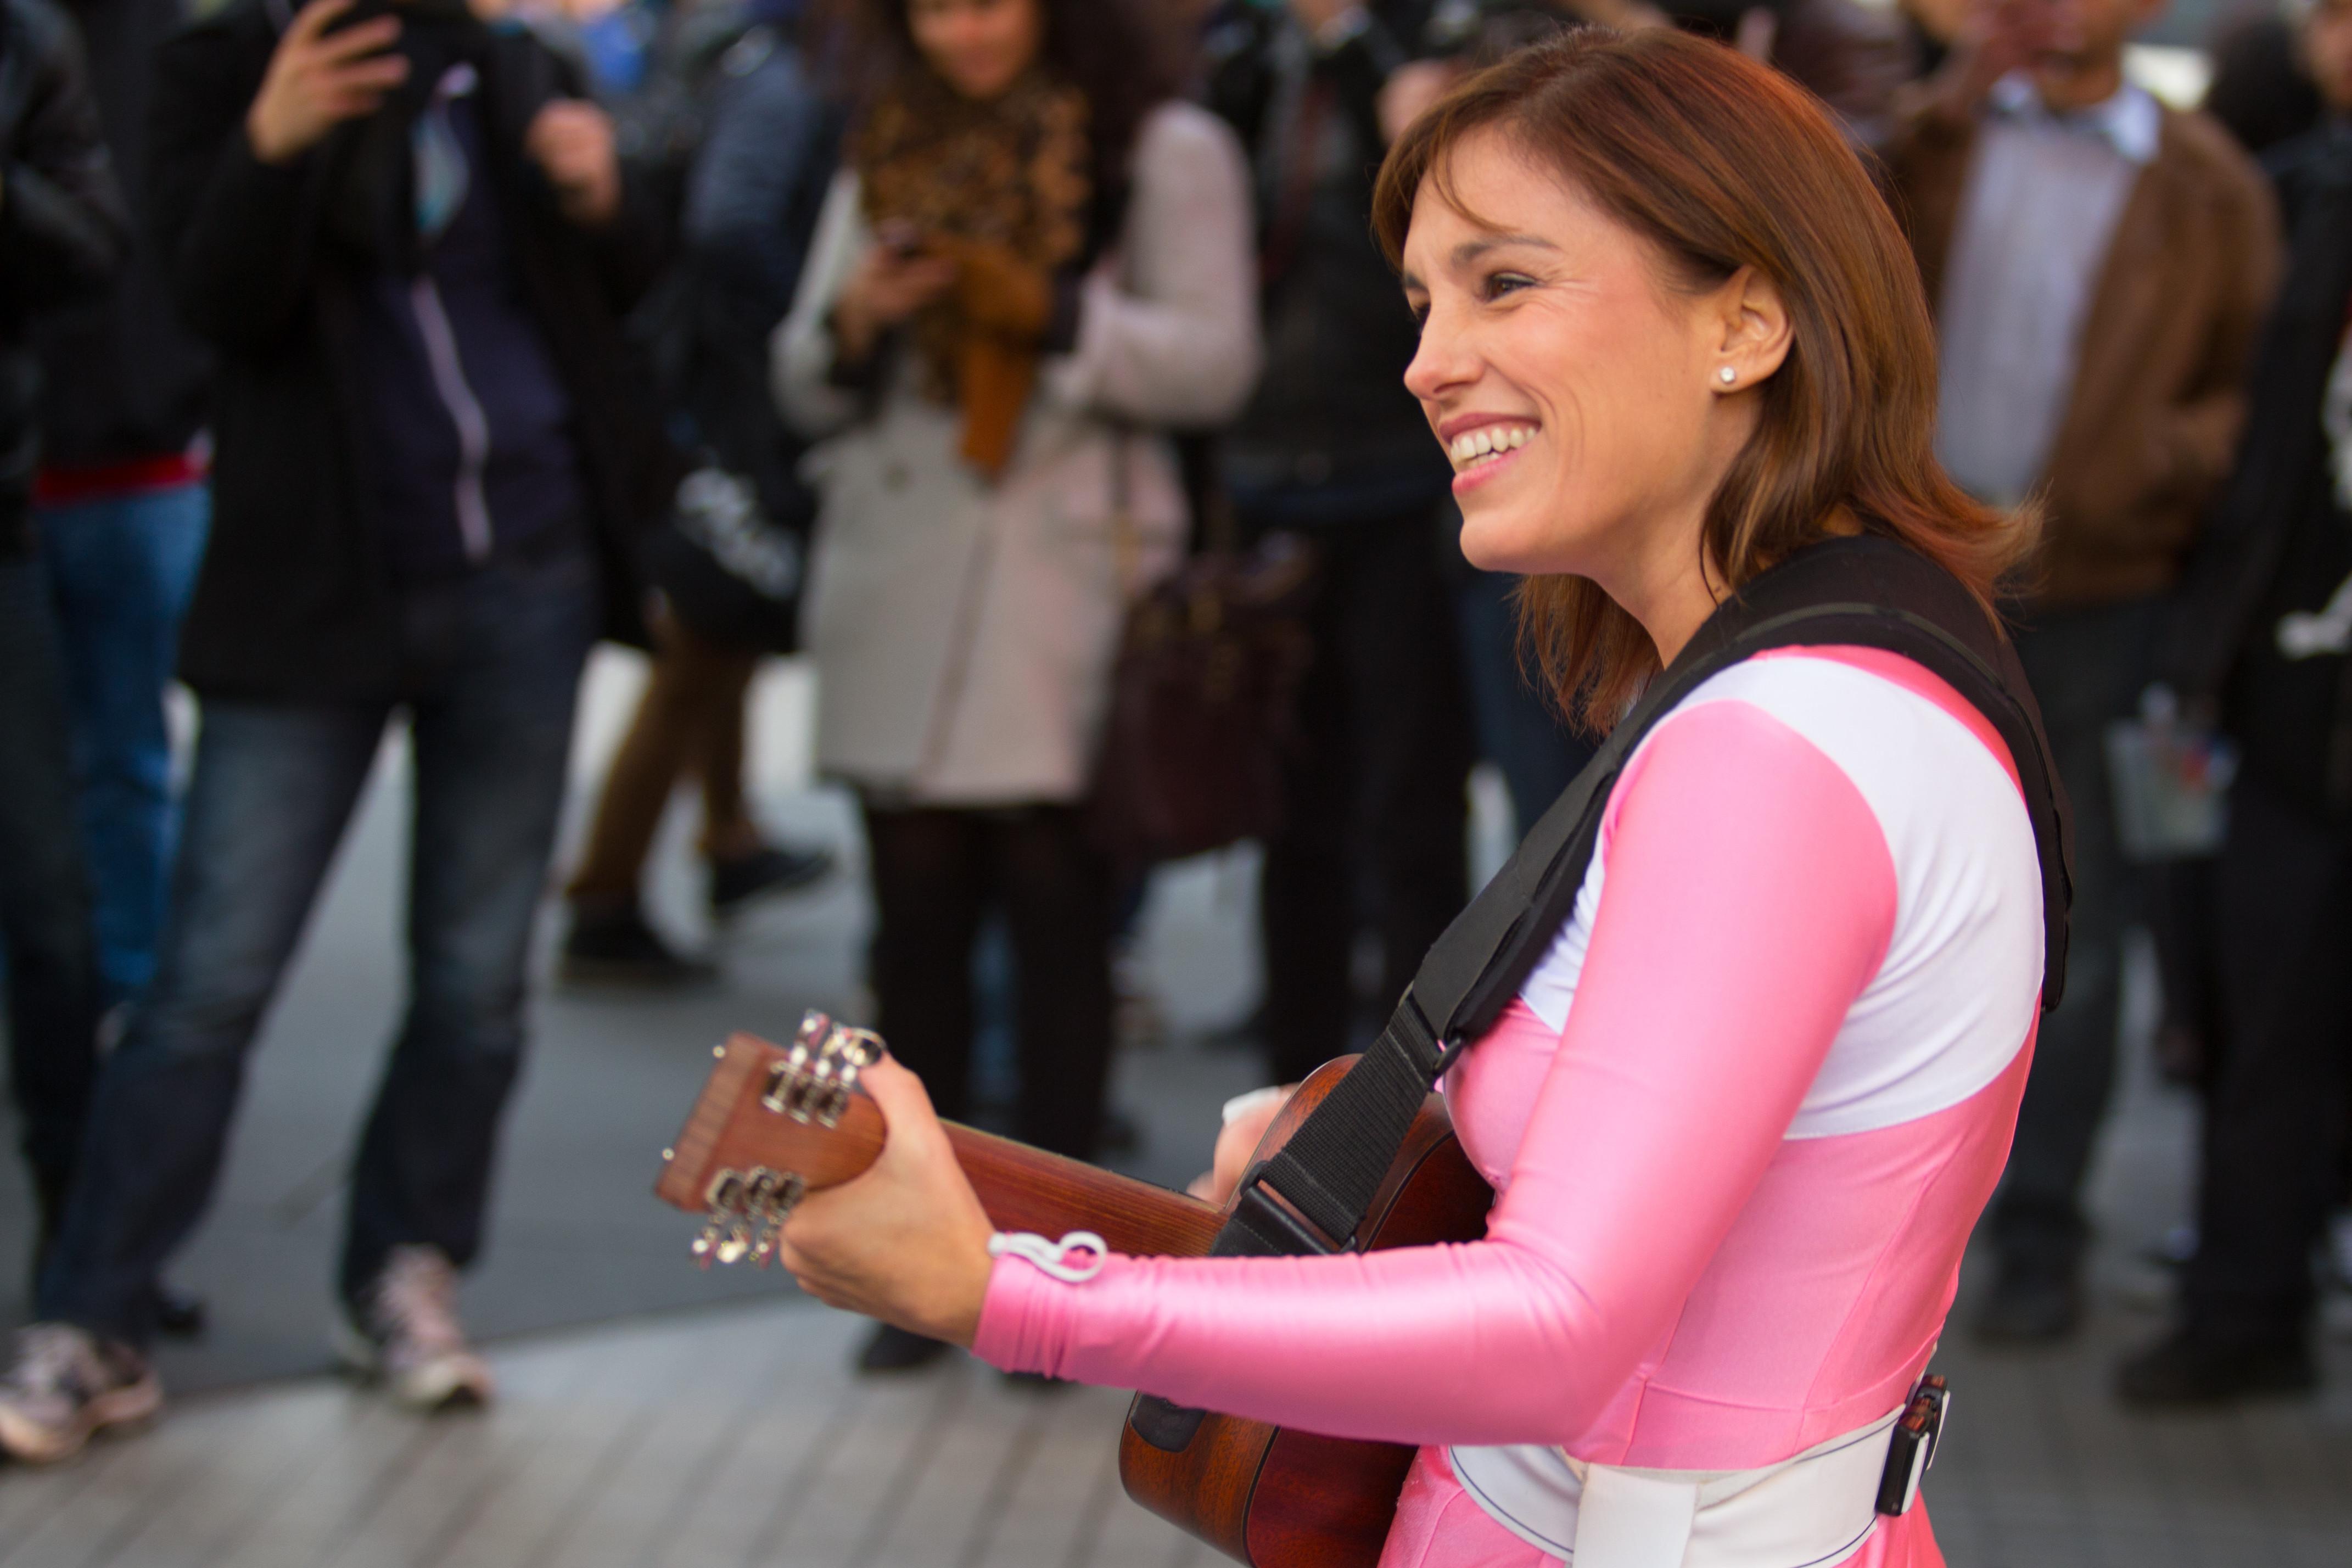 Ranger Rosa e Batman tocam violão nas ruas pra promover novo filme 3